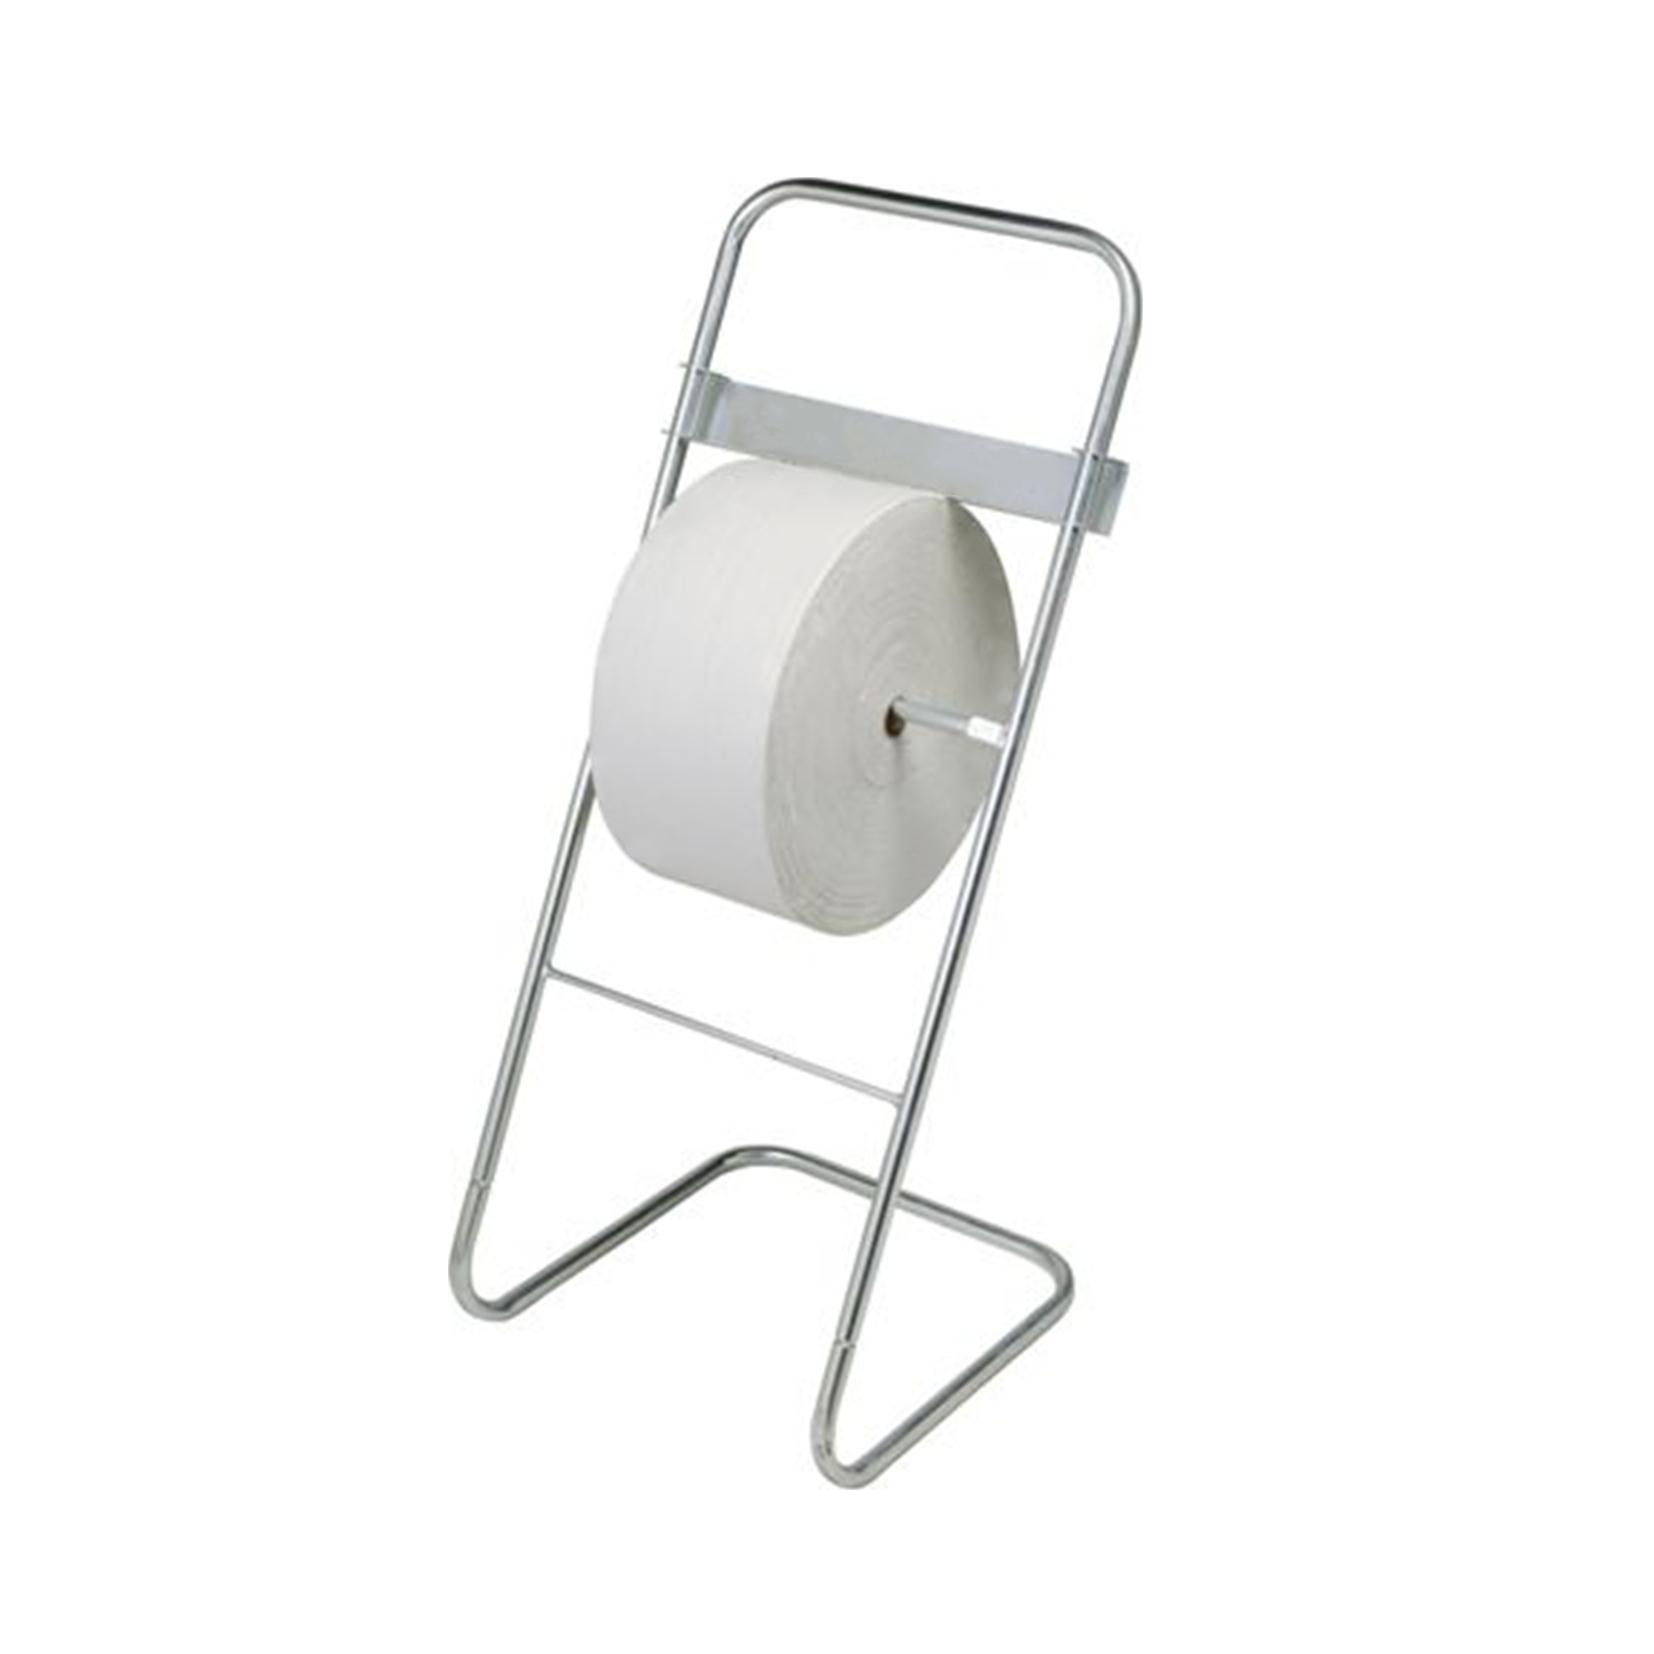 Hectoserve Jumbo roll floor stand